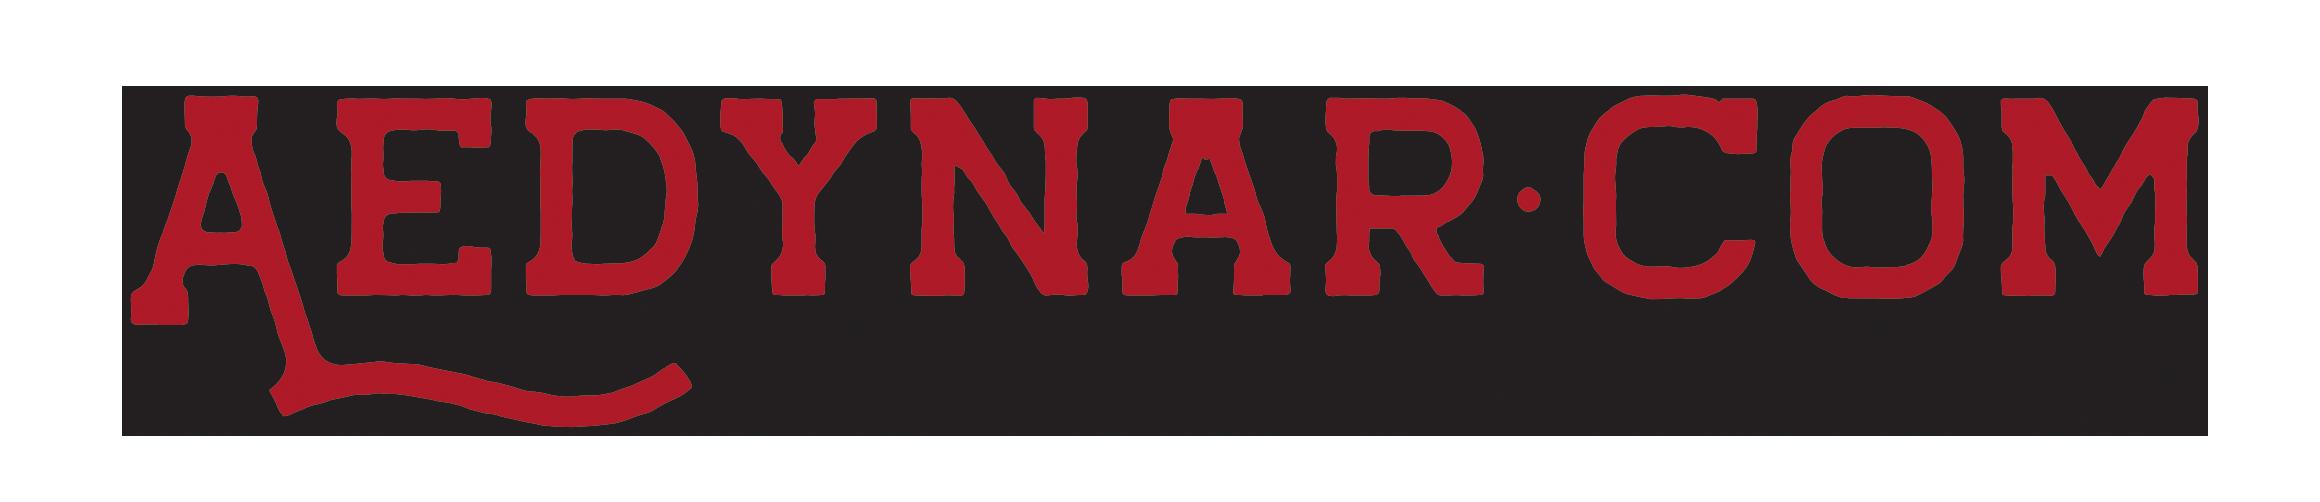 Aedynar grid logo